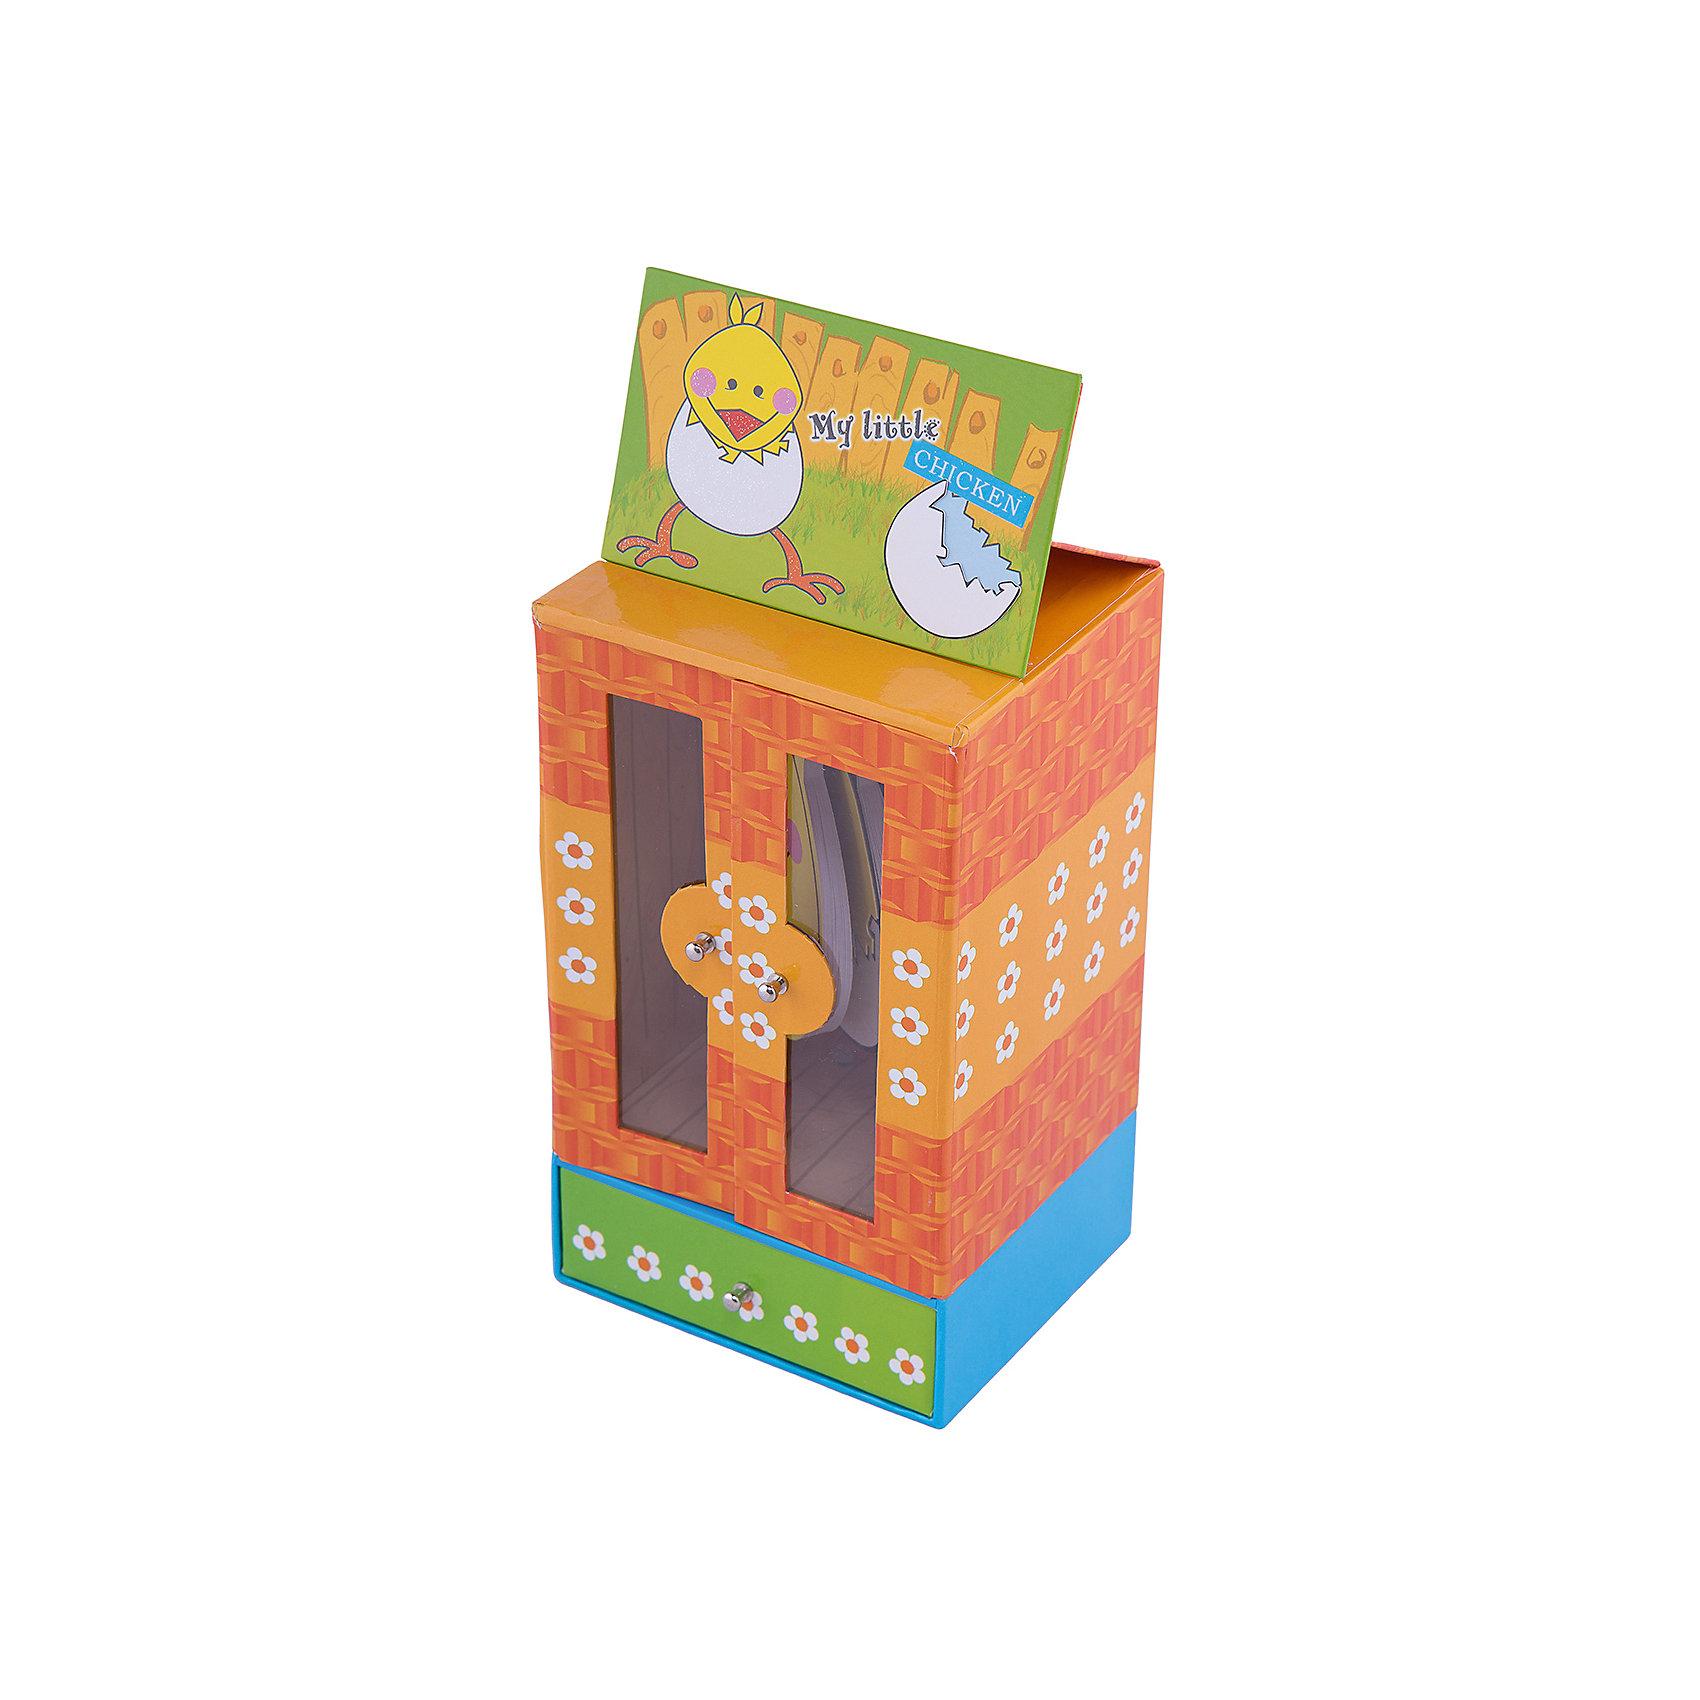 Подарочный канцелярский набор ЦыплятаШкольные аксессуары<br>Такой канцелярский набор будет прекрасным, а главное нужным подарком!<br><br>Дополнительная информация:<br><br>- Возраст: от 6 лет.<br>- В наборе: 4 блока для записей на клеевой основе.<br>- Вес в упаковке: 500 г.<br><br>Купить подарочный канцелярский набор Цыплята можно в нашем магазине.<br><br>Ширина мм: 150<br>Глубина мм: 120<br>Высота мм: 300<br>Вес г: 500<br>Возраст от месяцев: 120<br>Возраст до месяцев: 2147483647<br>Пол: Женский<br>Возраст: Детский<br>SKU: 4943526